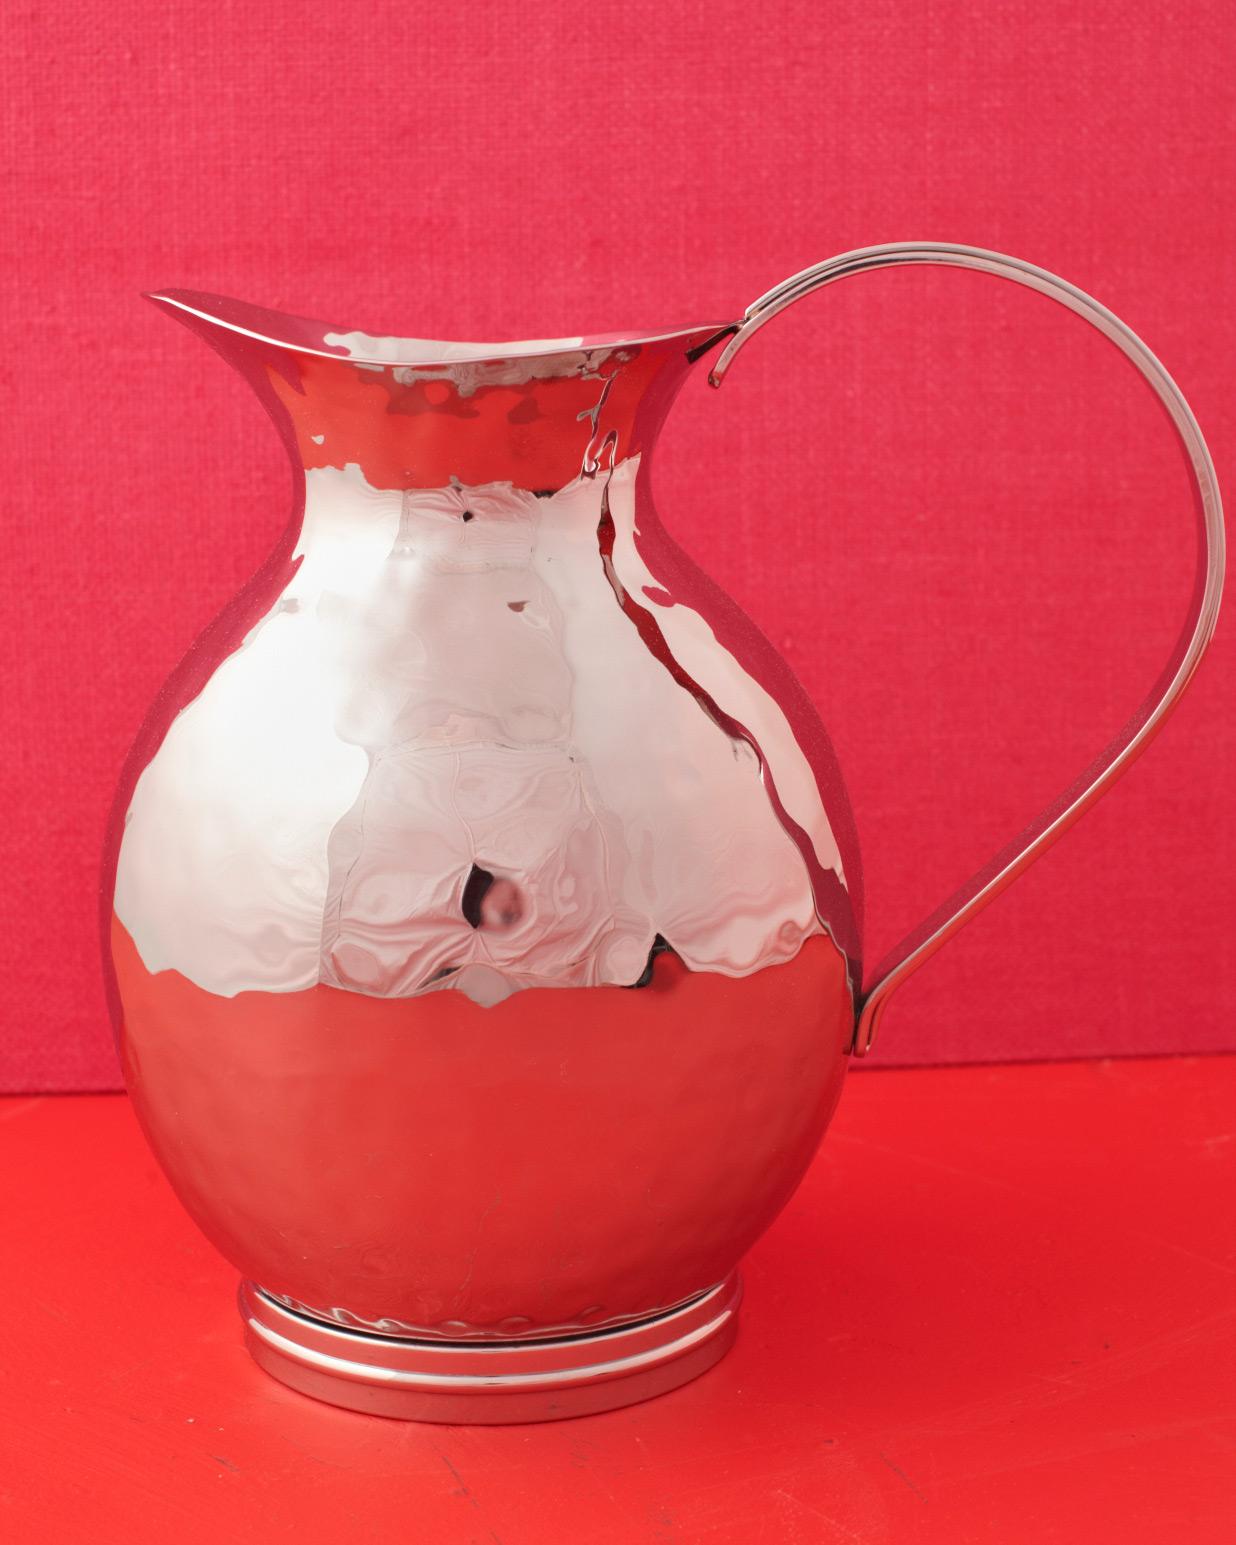 water-pitcher-wd107851.jpg